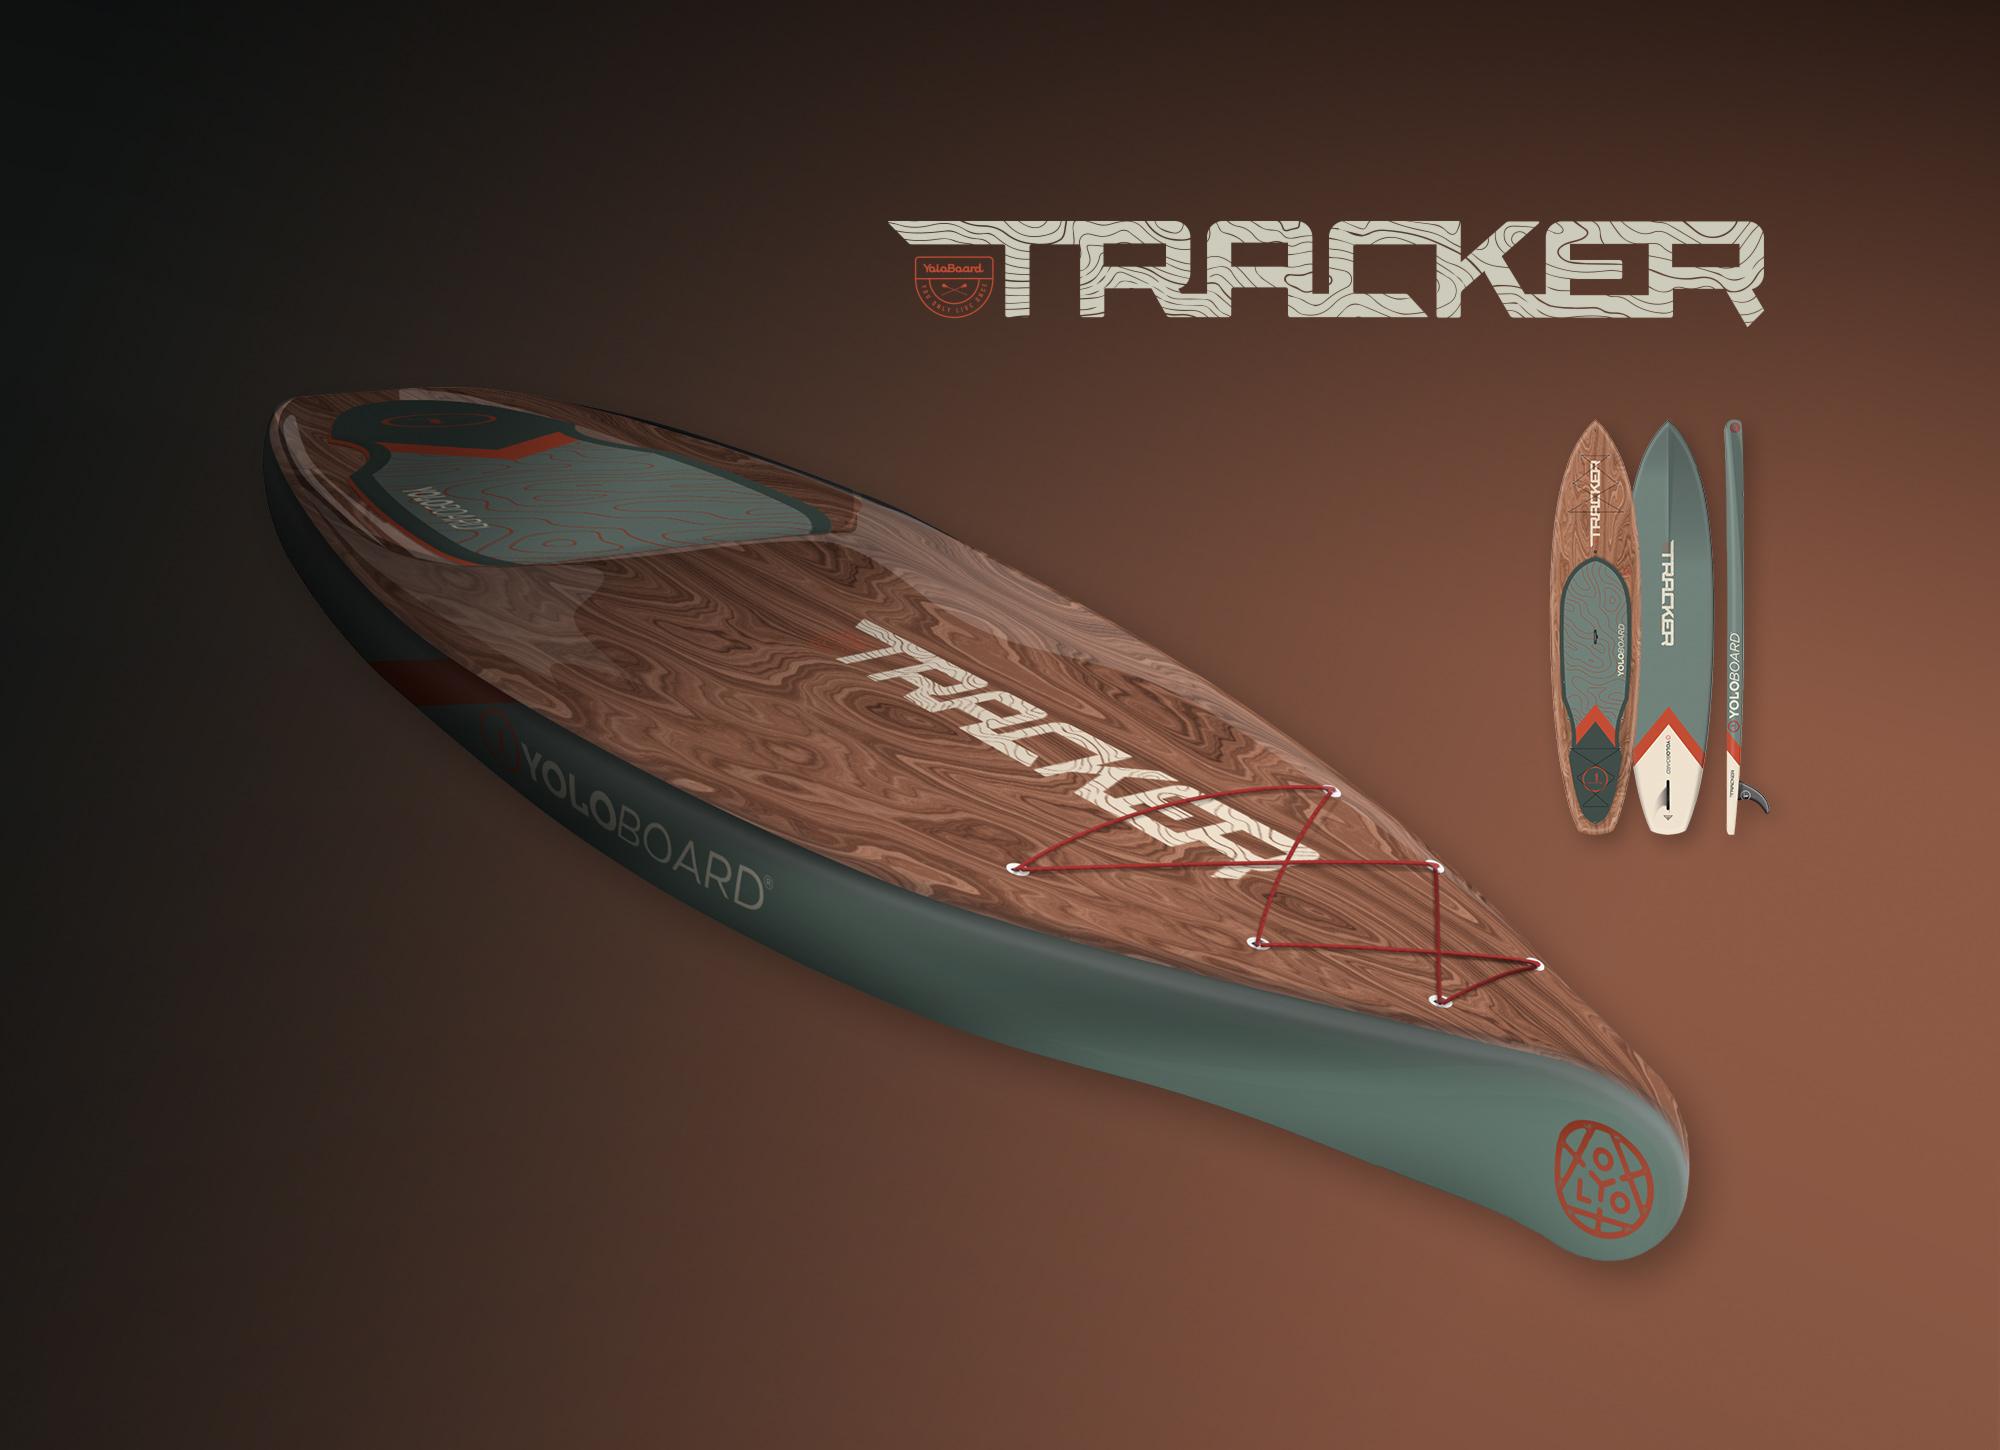 yolo-14-tracker-crisp